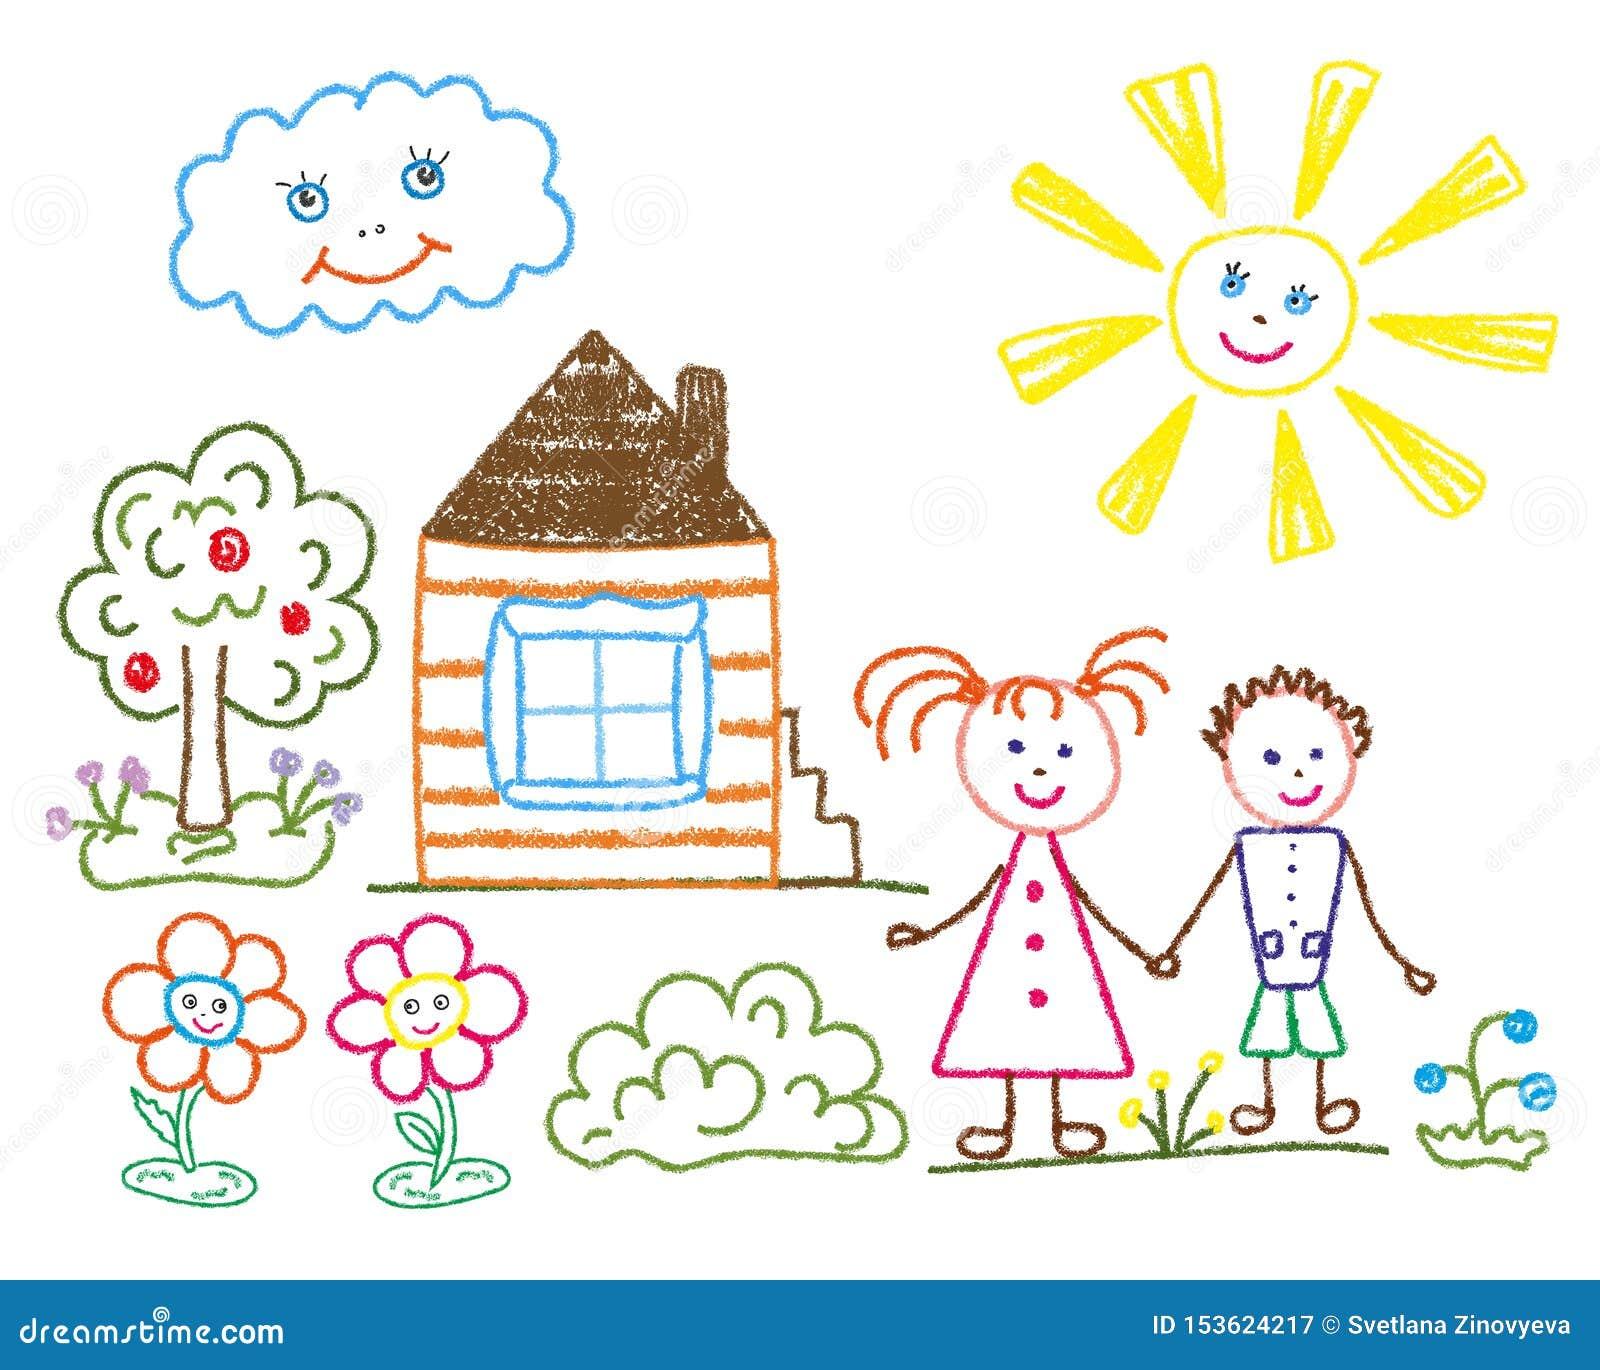 Il disegno a matita dei bambini sul tema di estate, amicizia, famiglia